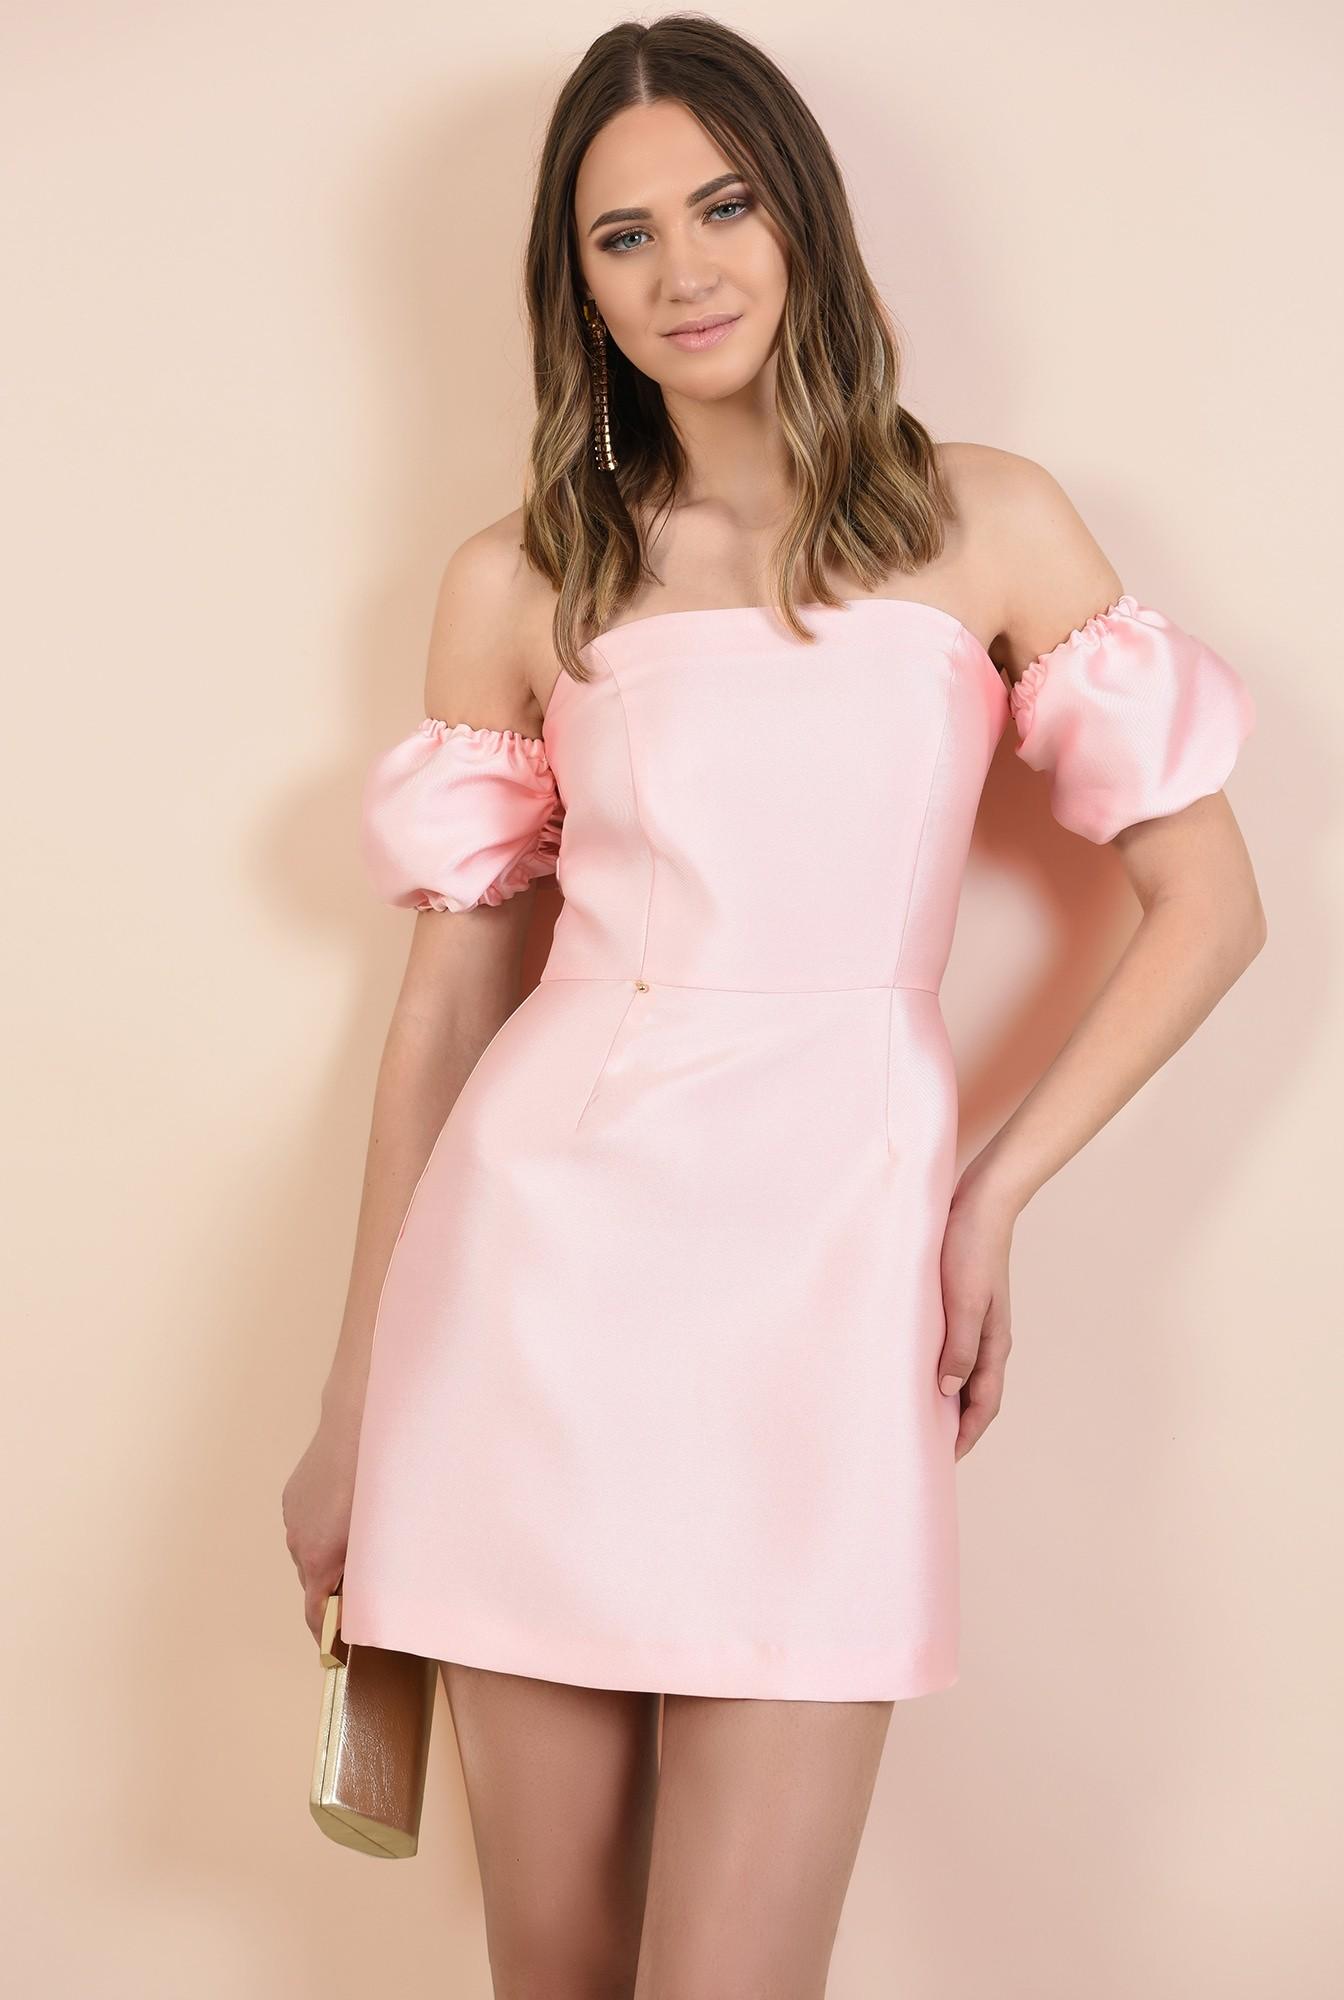 0 - rochie de seara, din tafta roz, mini, croi cambrat, Poema, rochii online